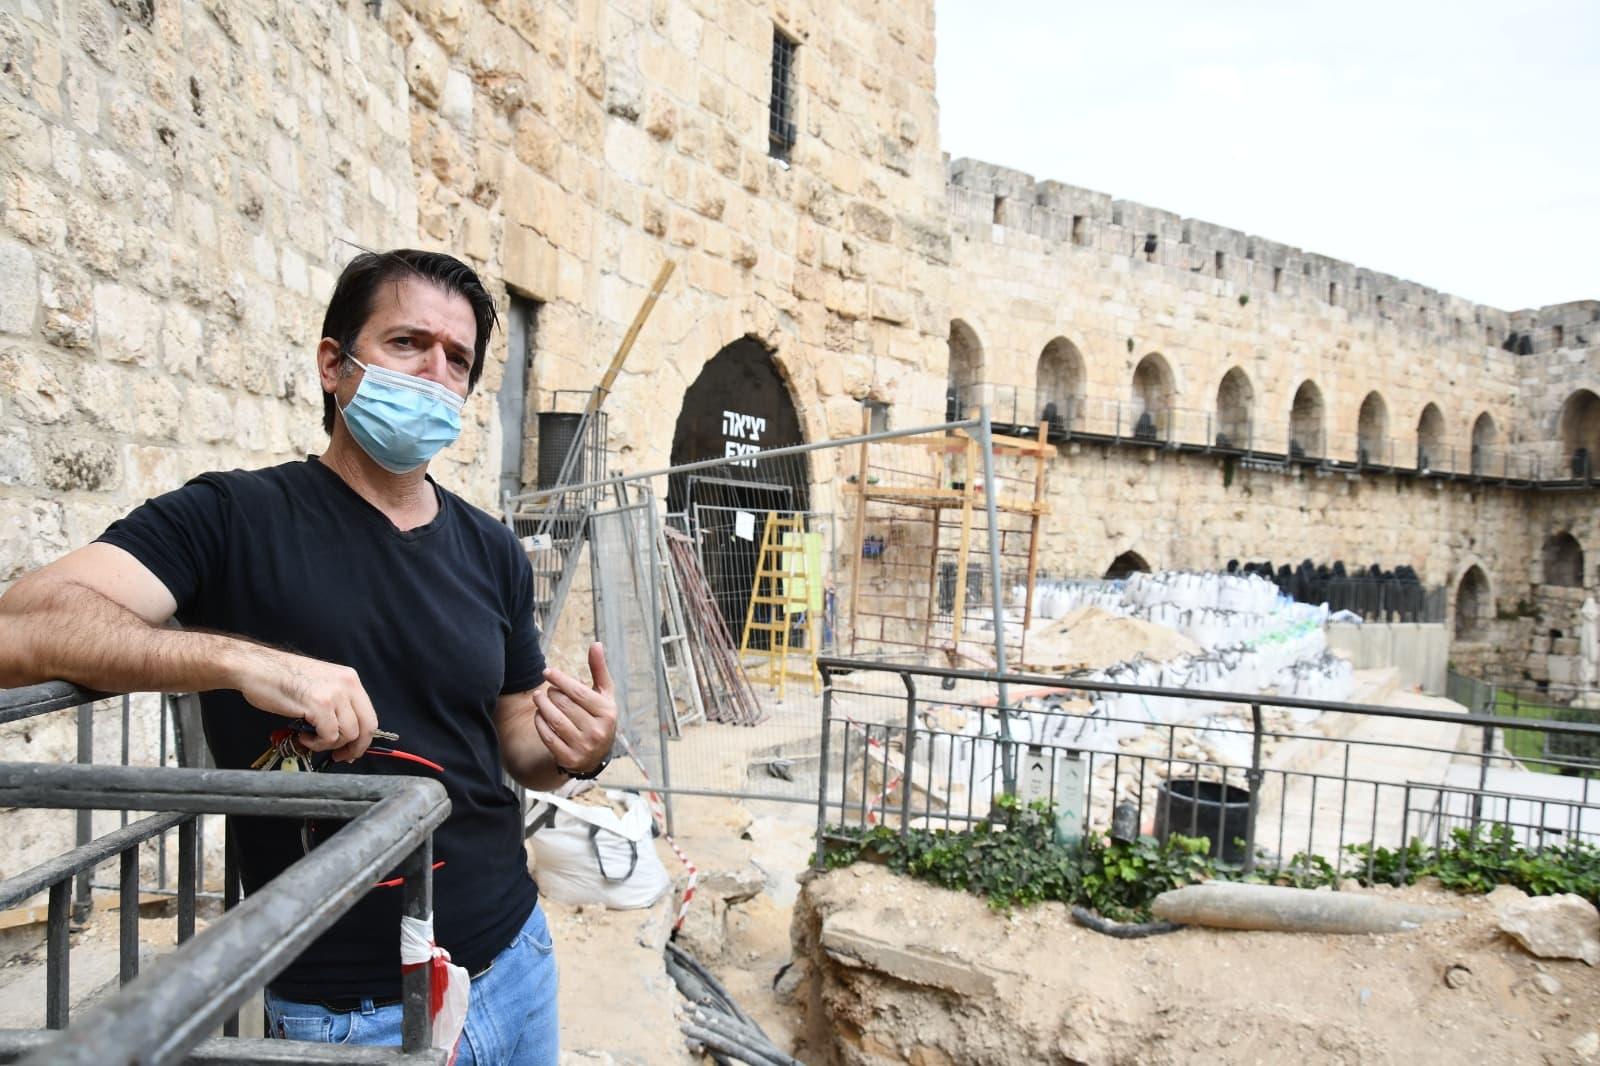 עמית ראם במתחם החפירות במגדל דוד (צילום: רשות העתיקות)